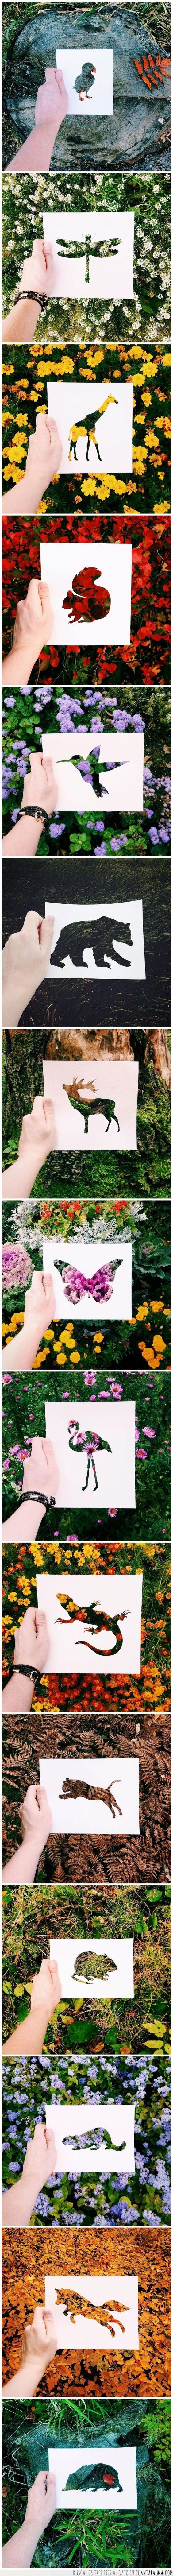 Los mejores colores siempre los pone la naturaleza